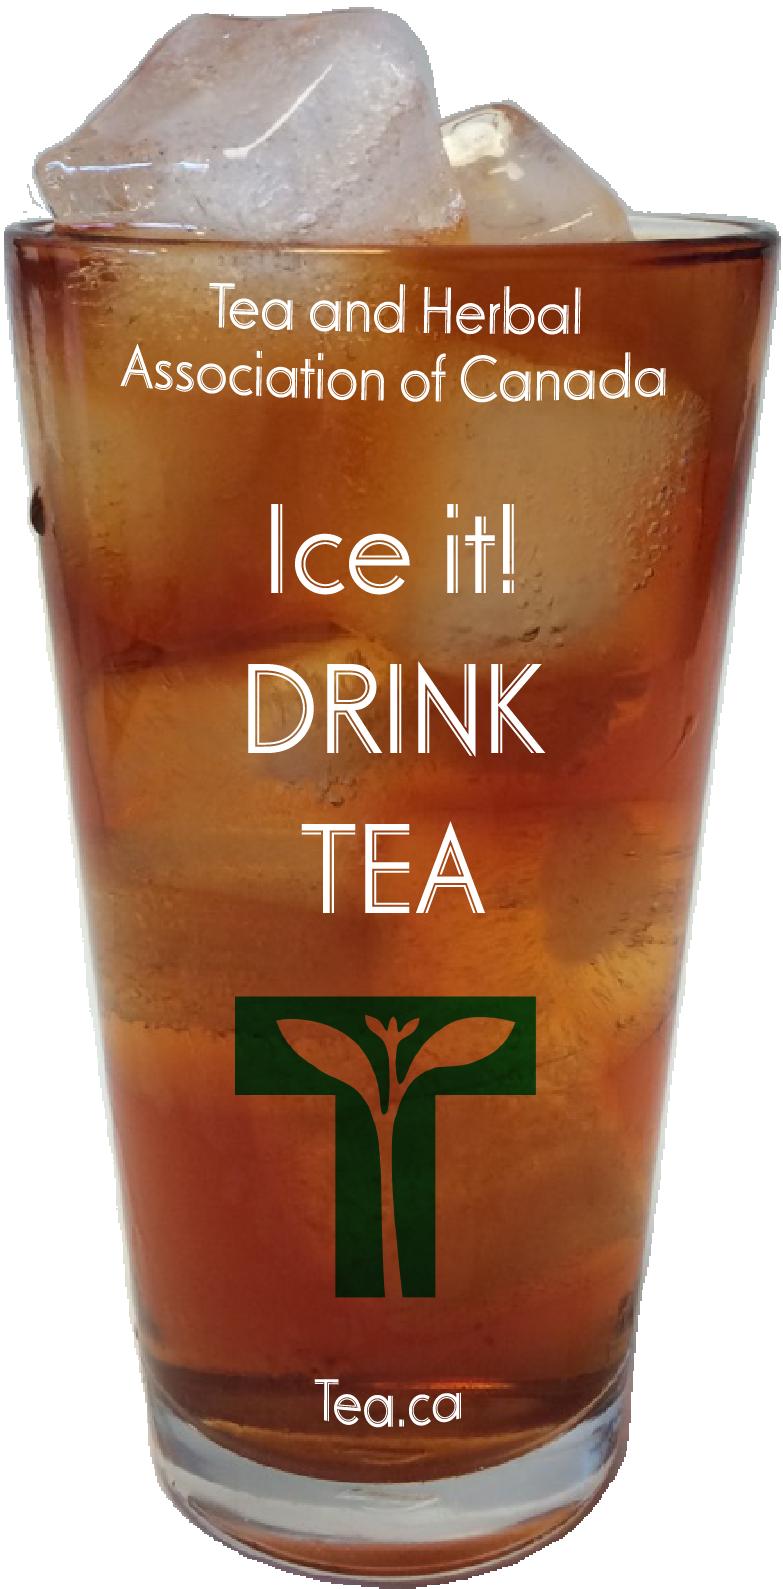 Ice it! Drink Tea!